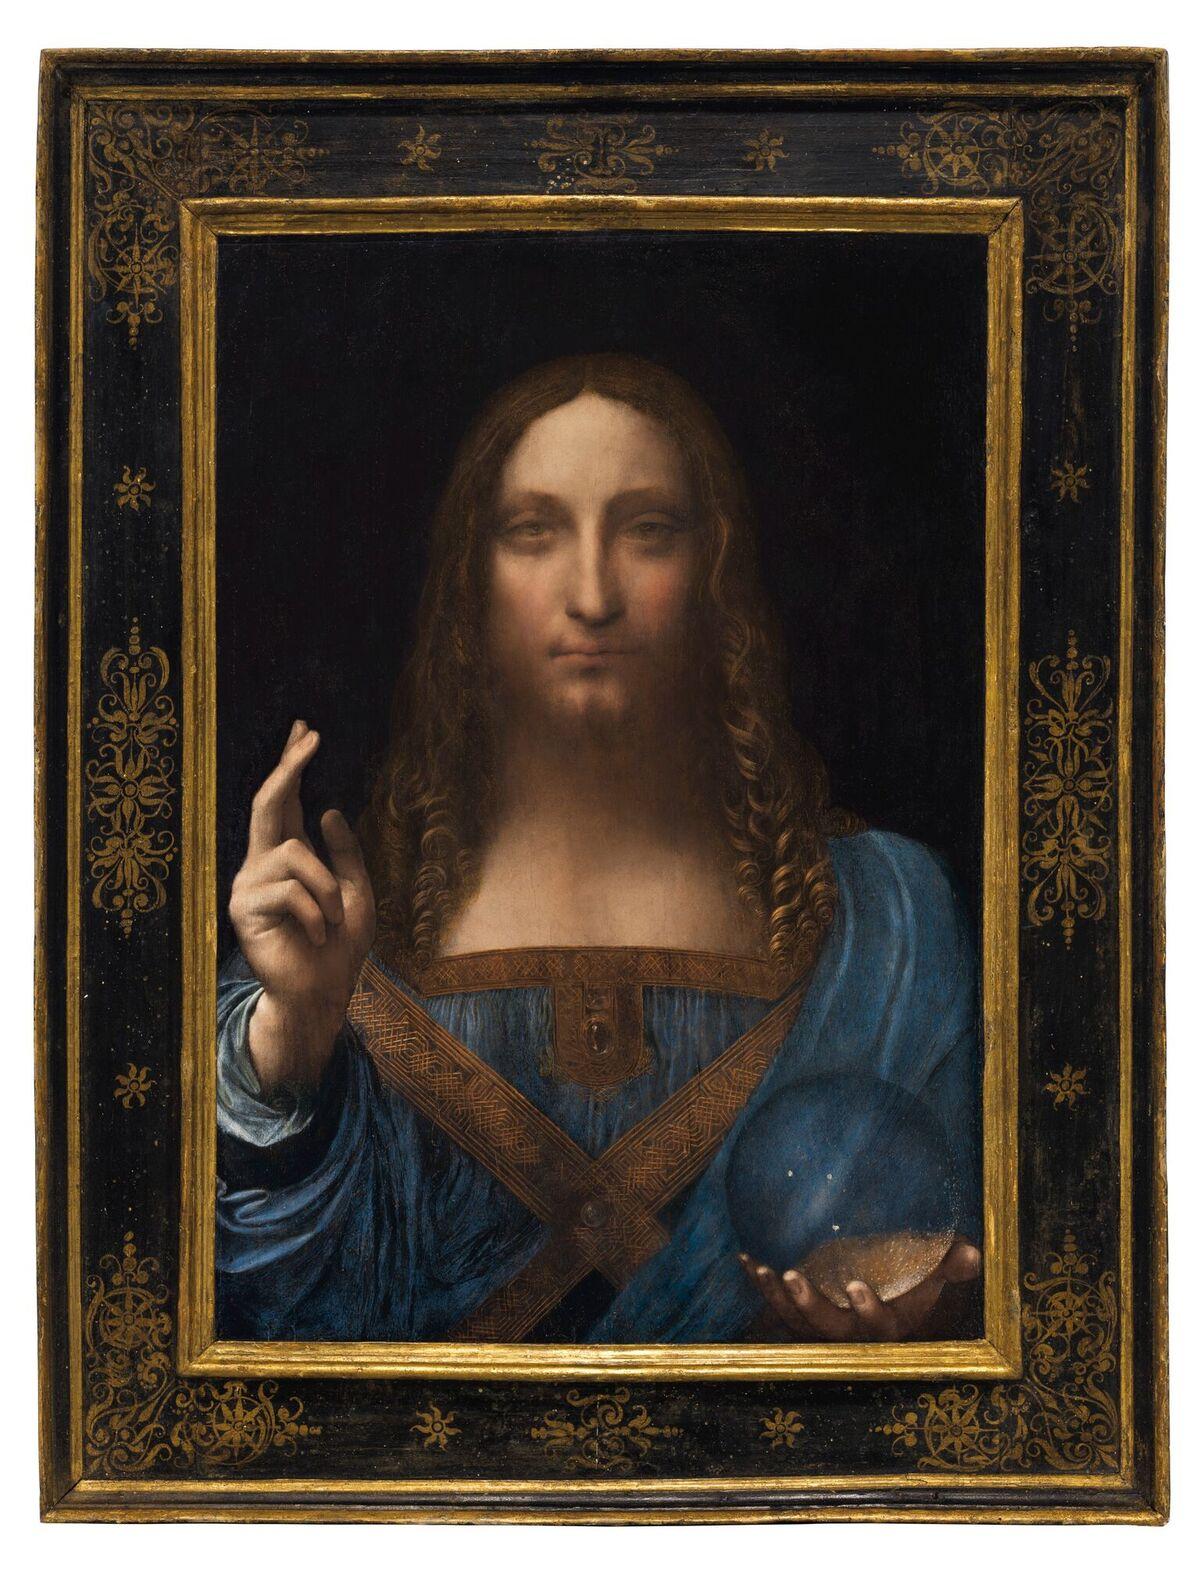 Da Vinci's Salvator Mundi